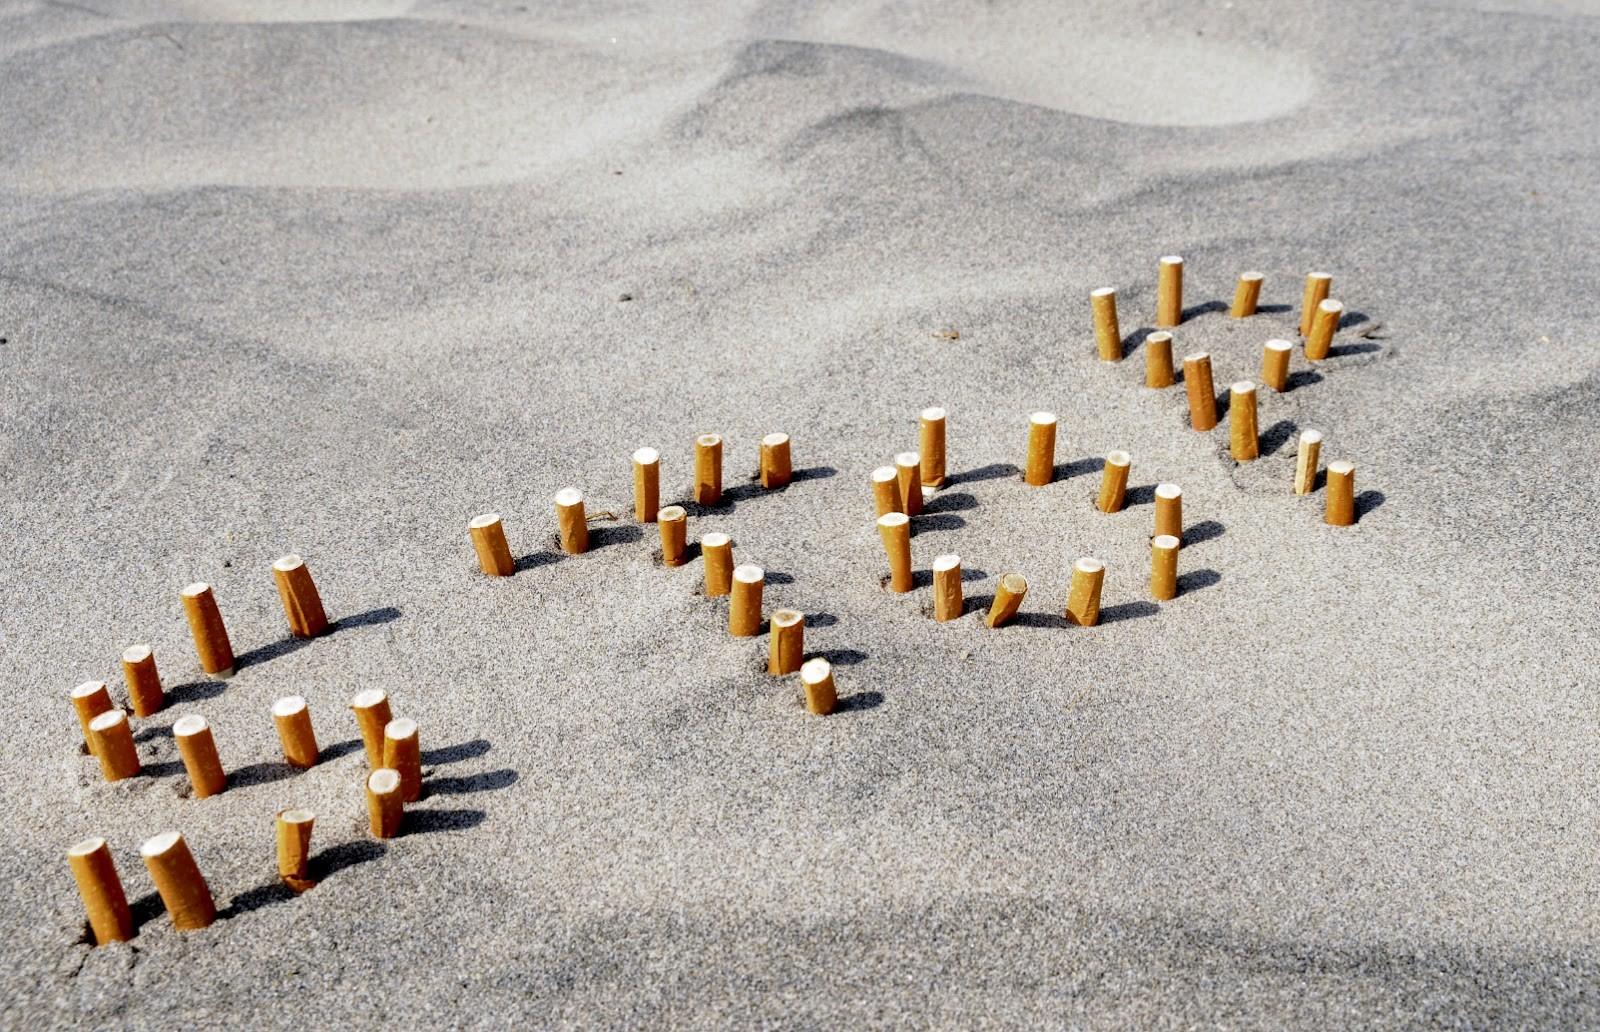 Smettere-di-fumare-l-antidoto-è-l-odore-del-pesce-marcio